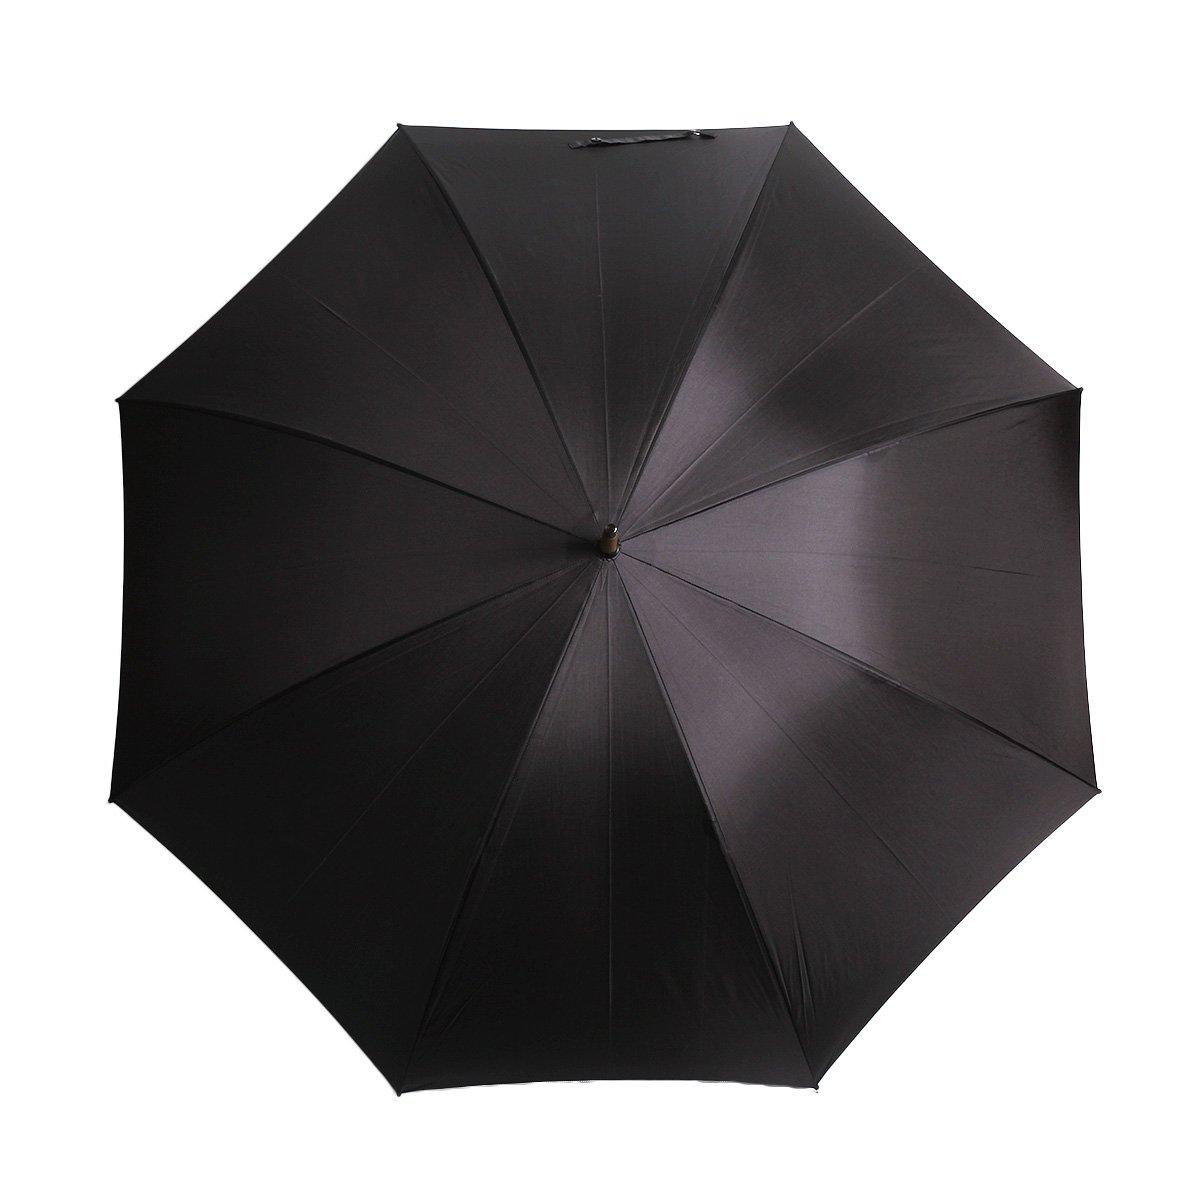 【公式限定】アイアンウッド 富士絹 スリム 長傘 詳細画像6